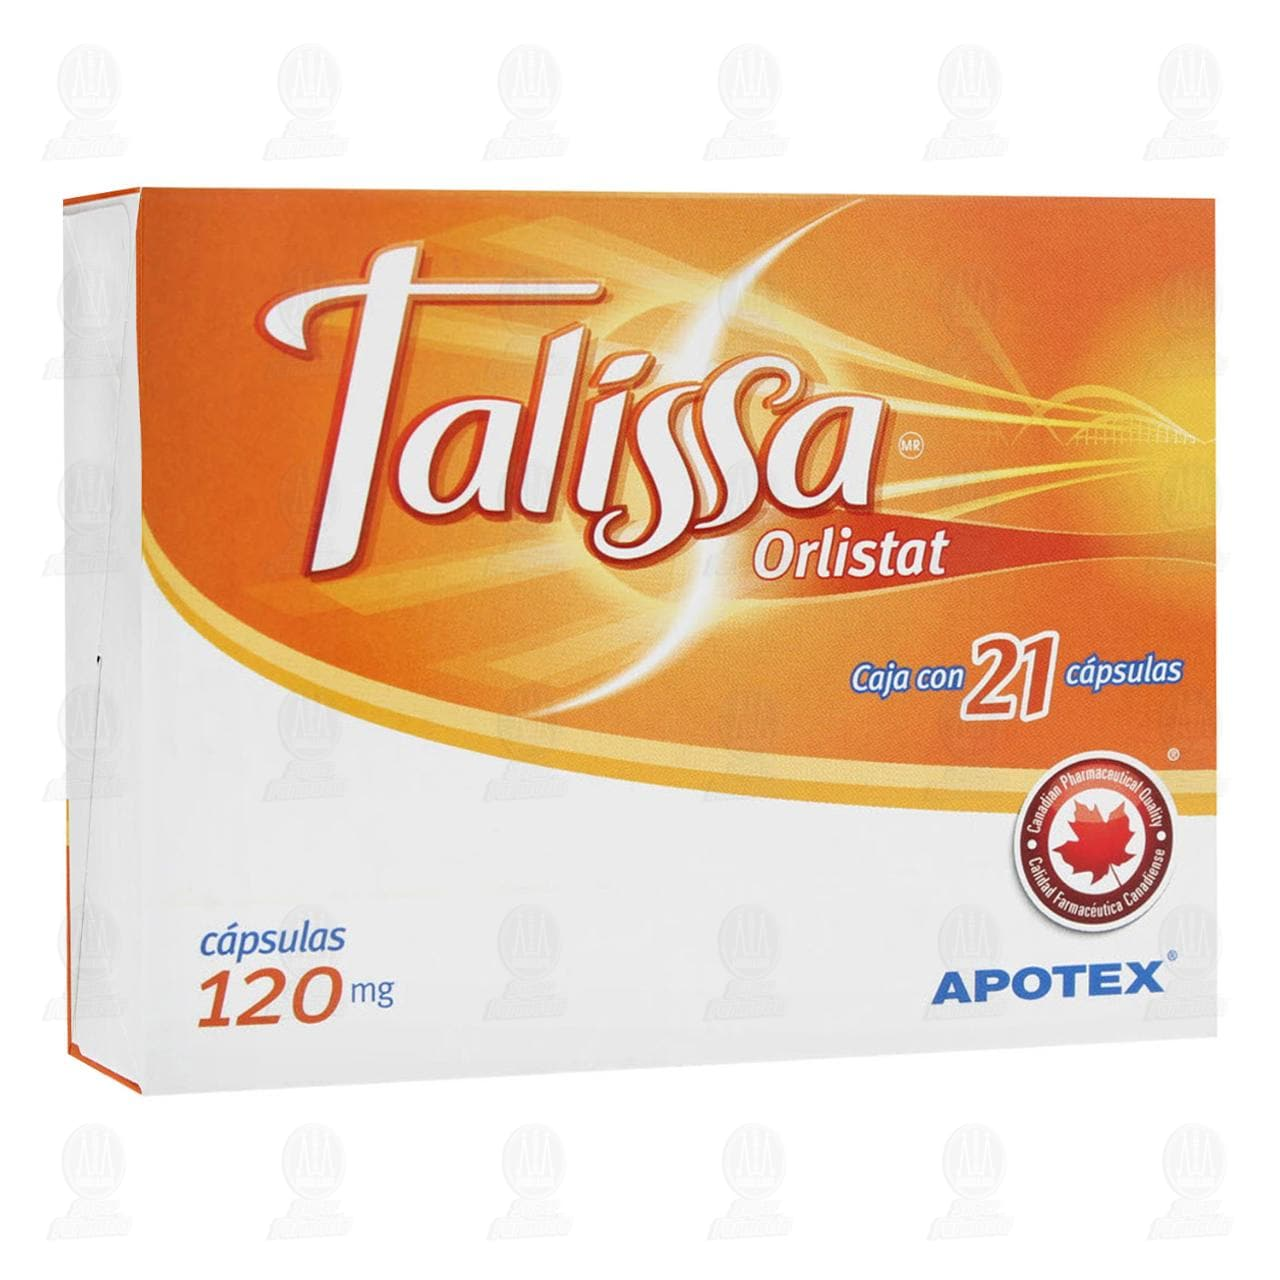 Comprar Talissa 120mg 21 Cápsulas en Farmacias Guadalajara